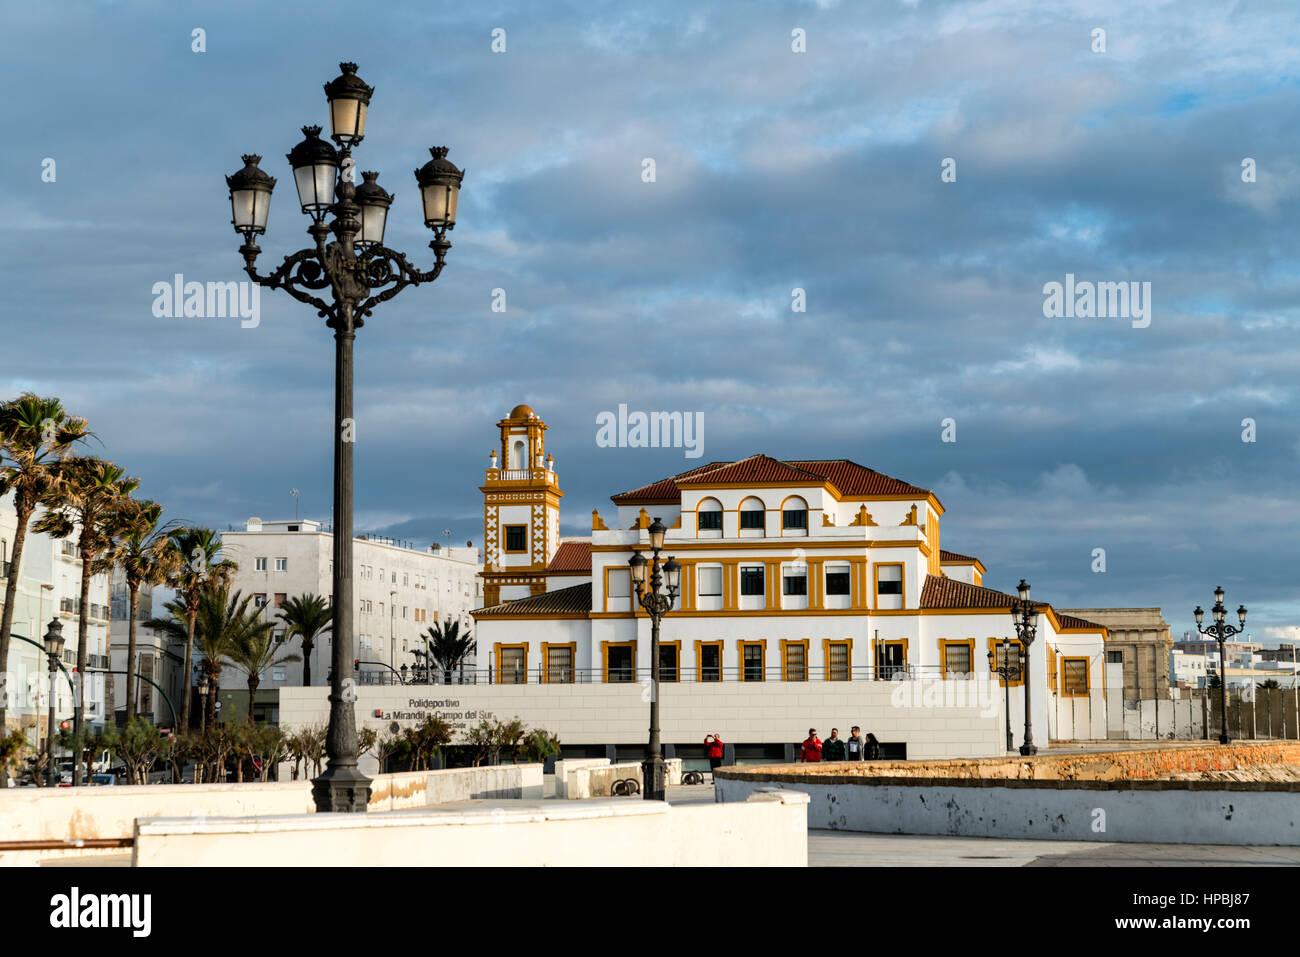 Promenade, Campo del Sur, La Mirandilla, centro de deportes, Cádiz, Andalucía, España Imagen De Stock